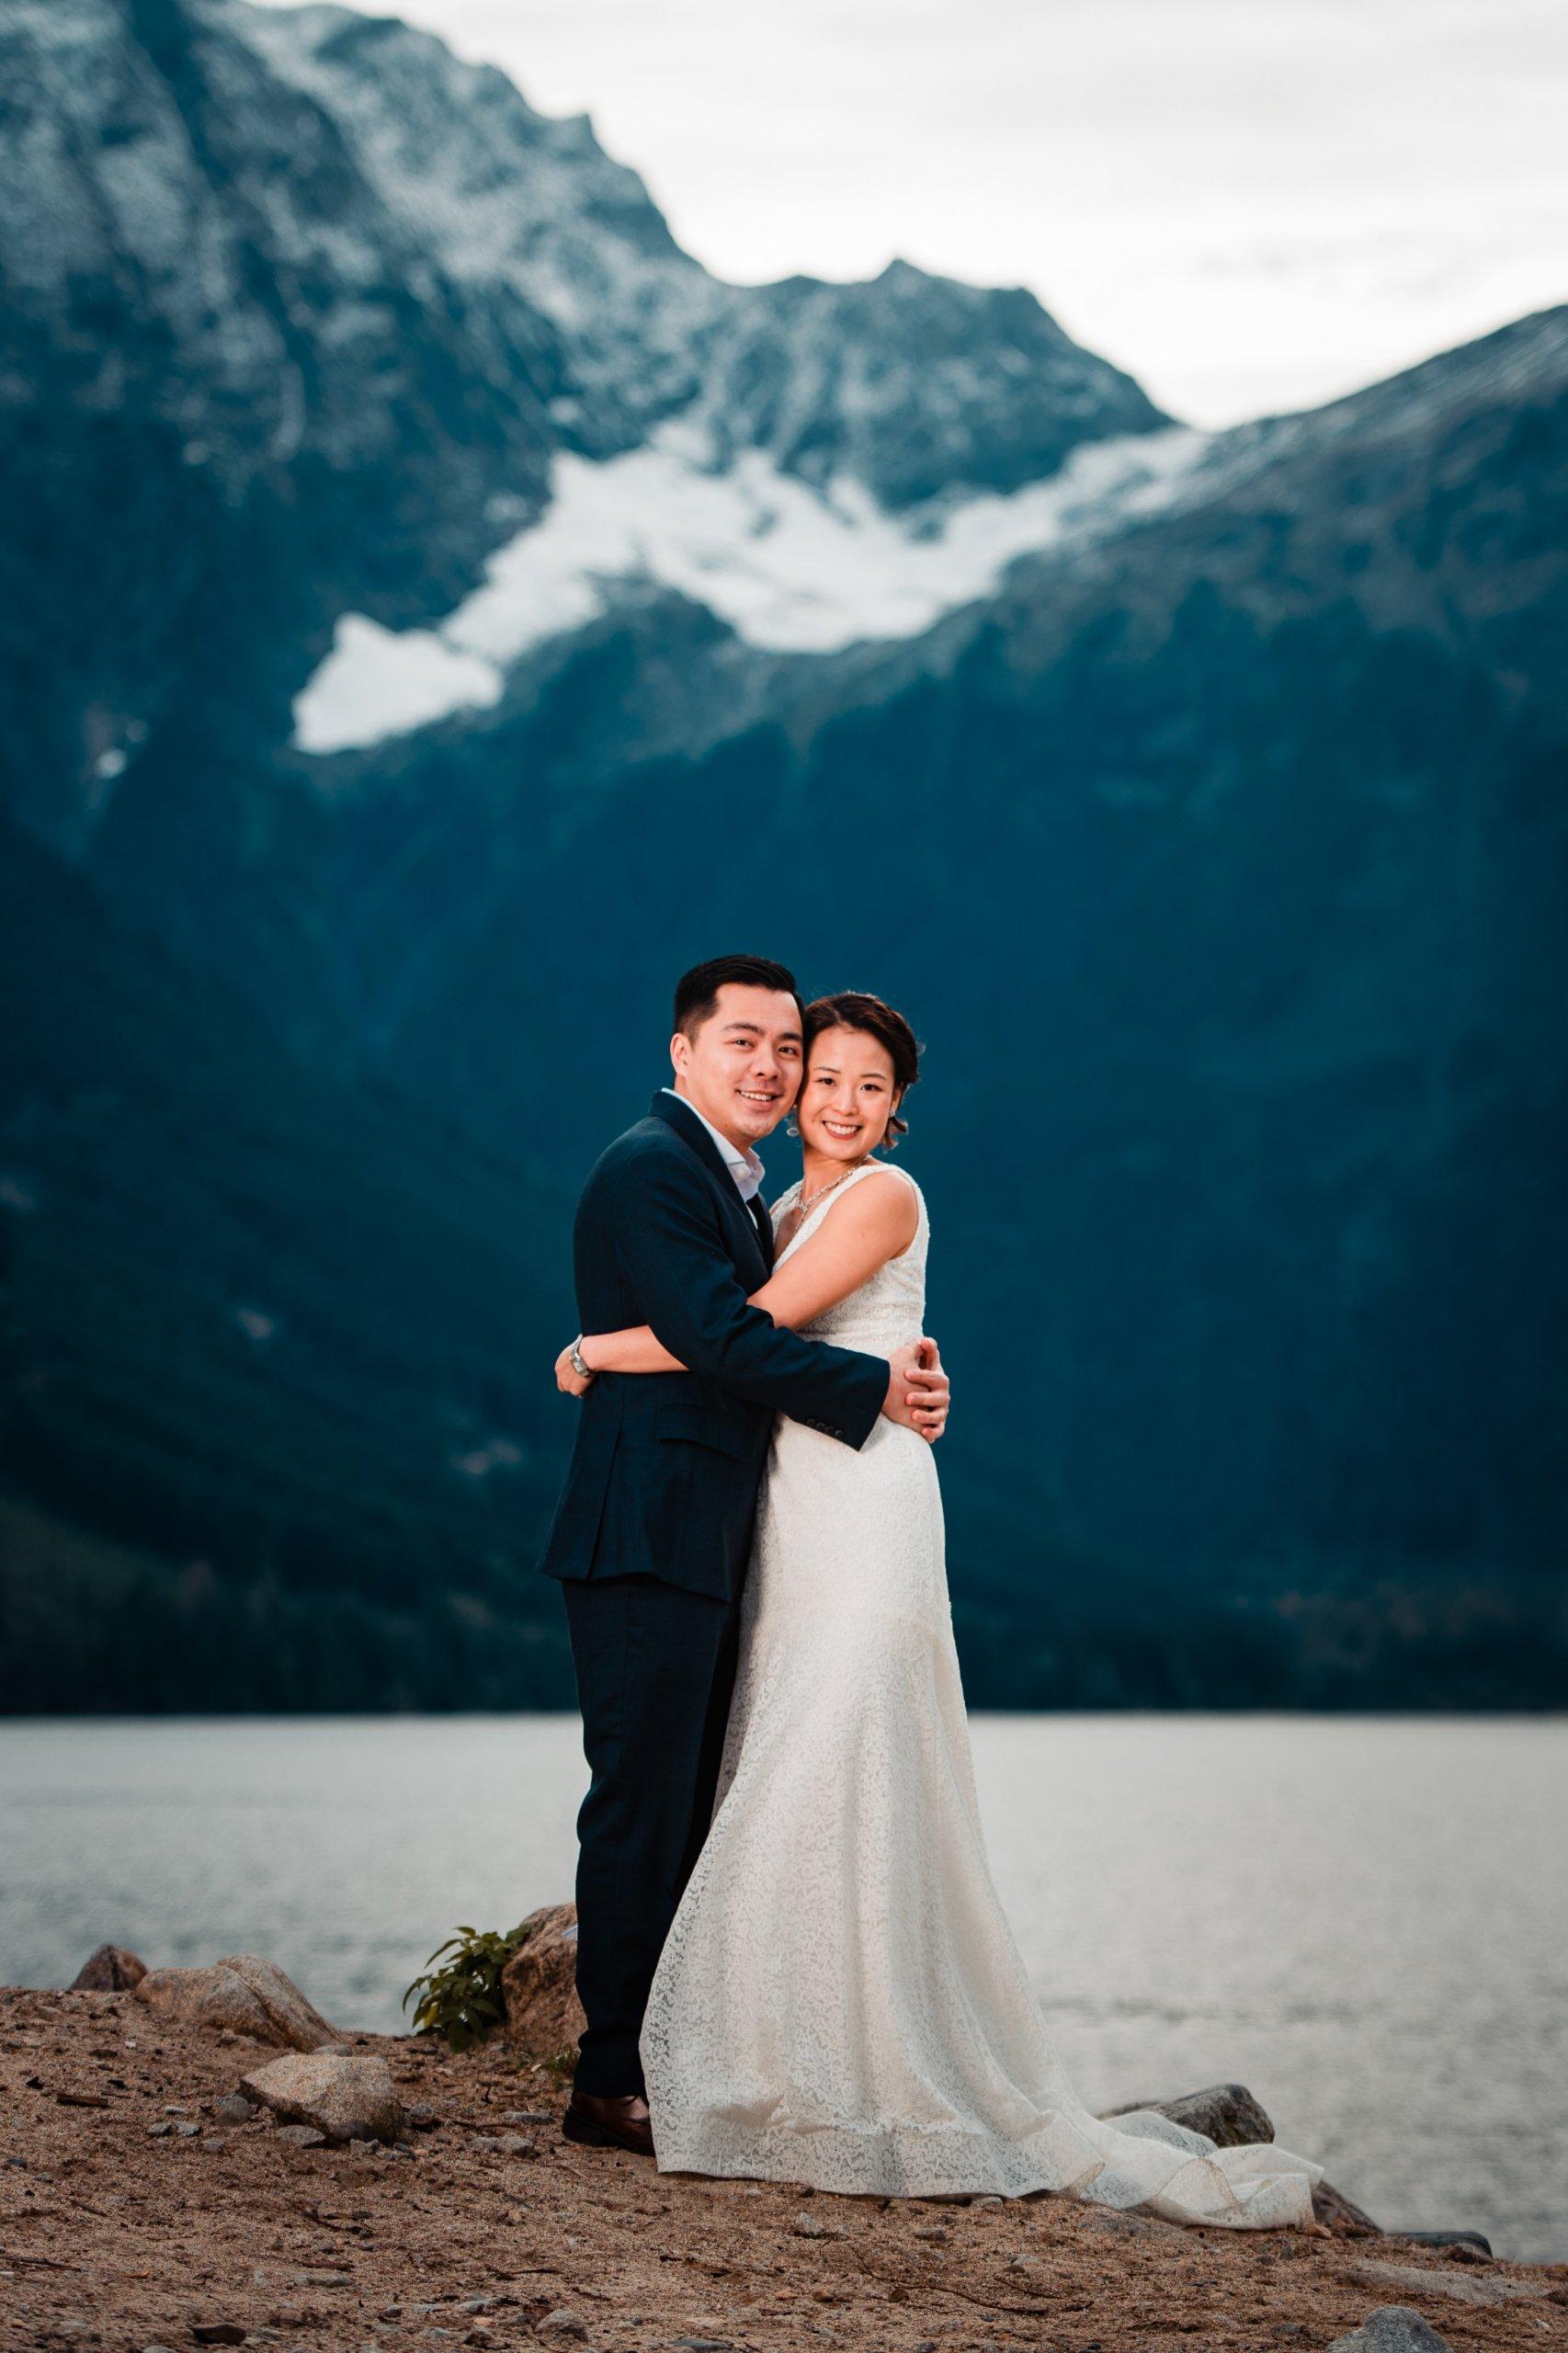 001 - backroad adventure elopement